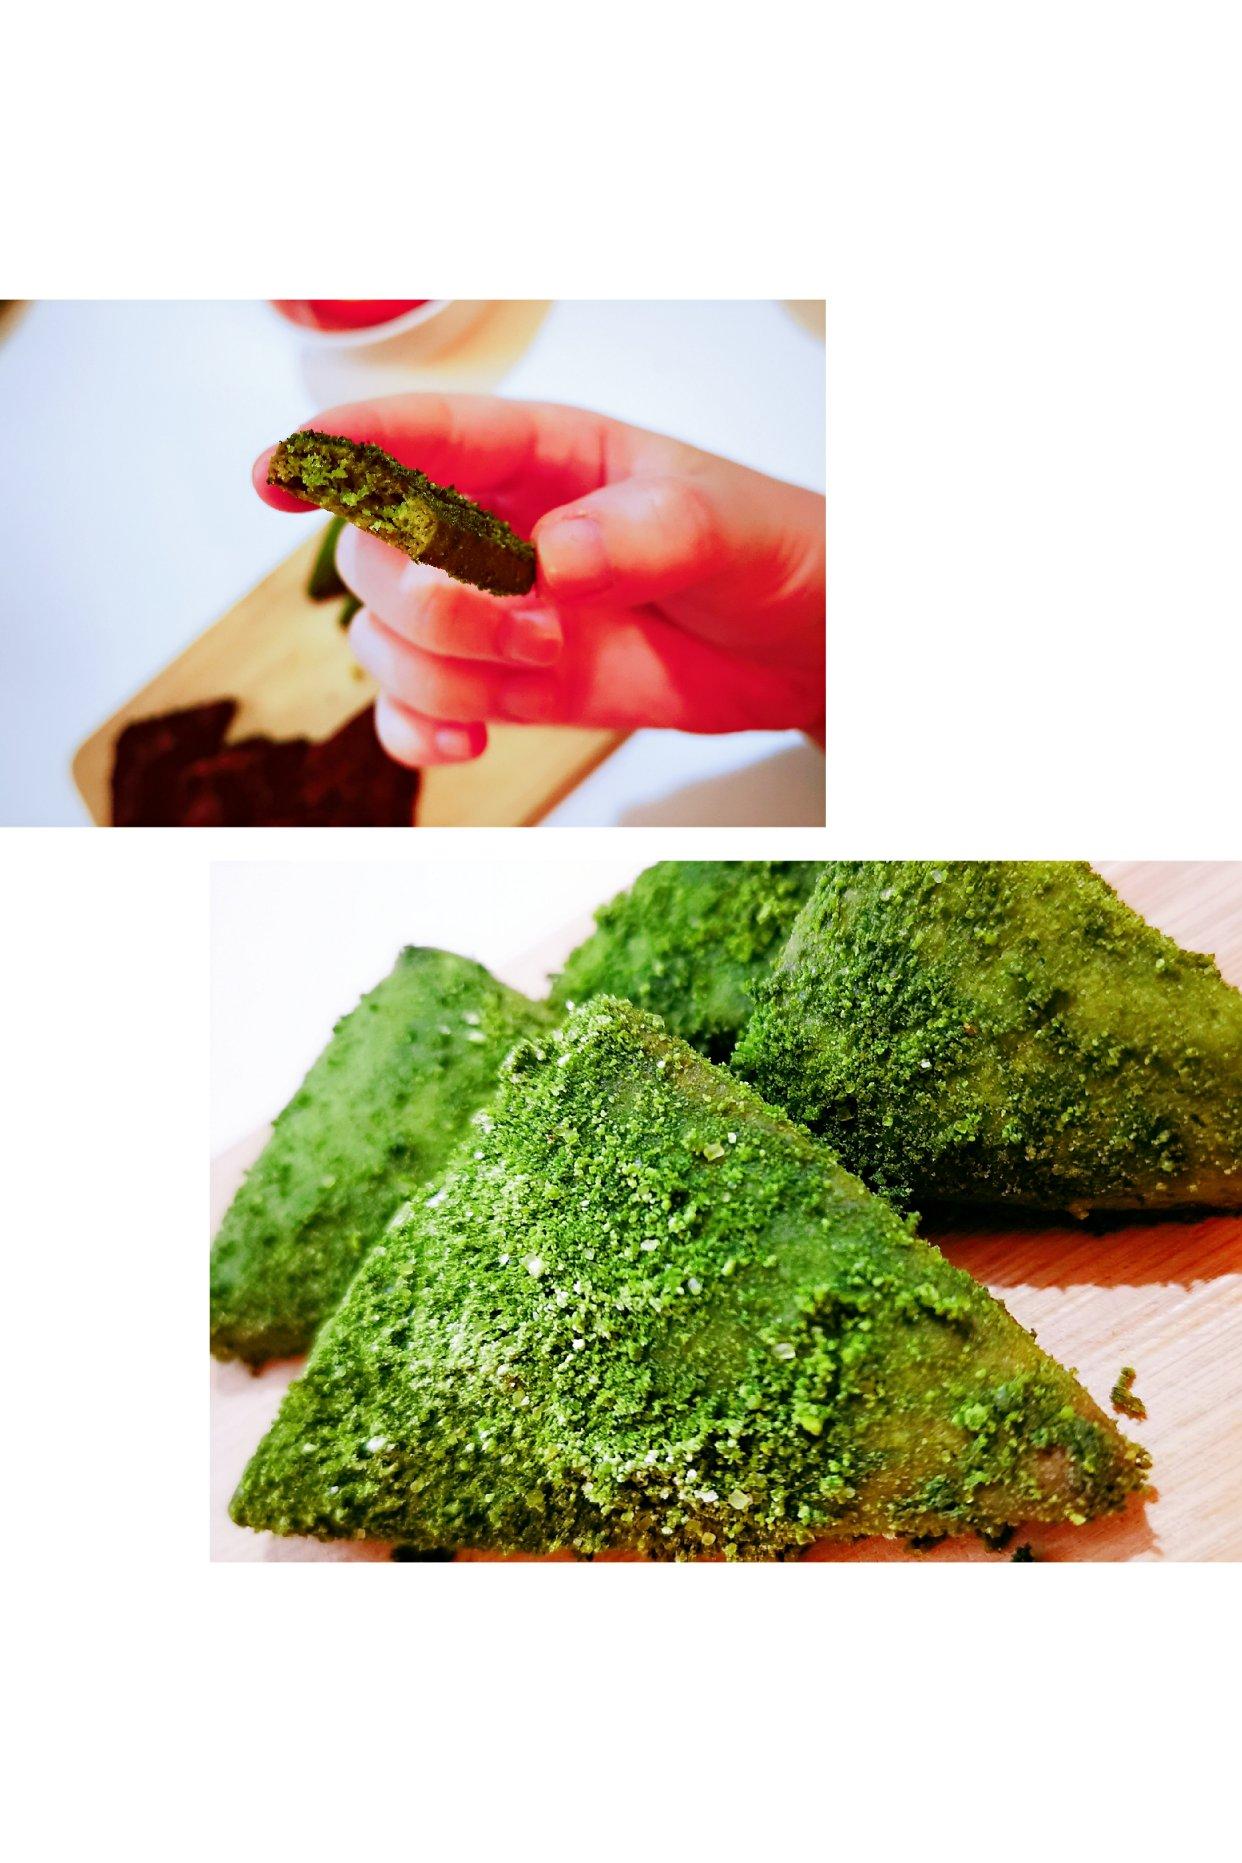 丫达的今日份下午茶:日式雪花三角酥get